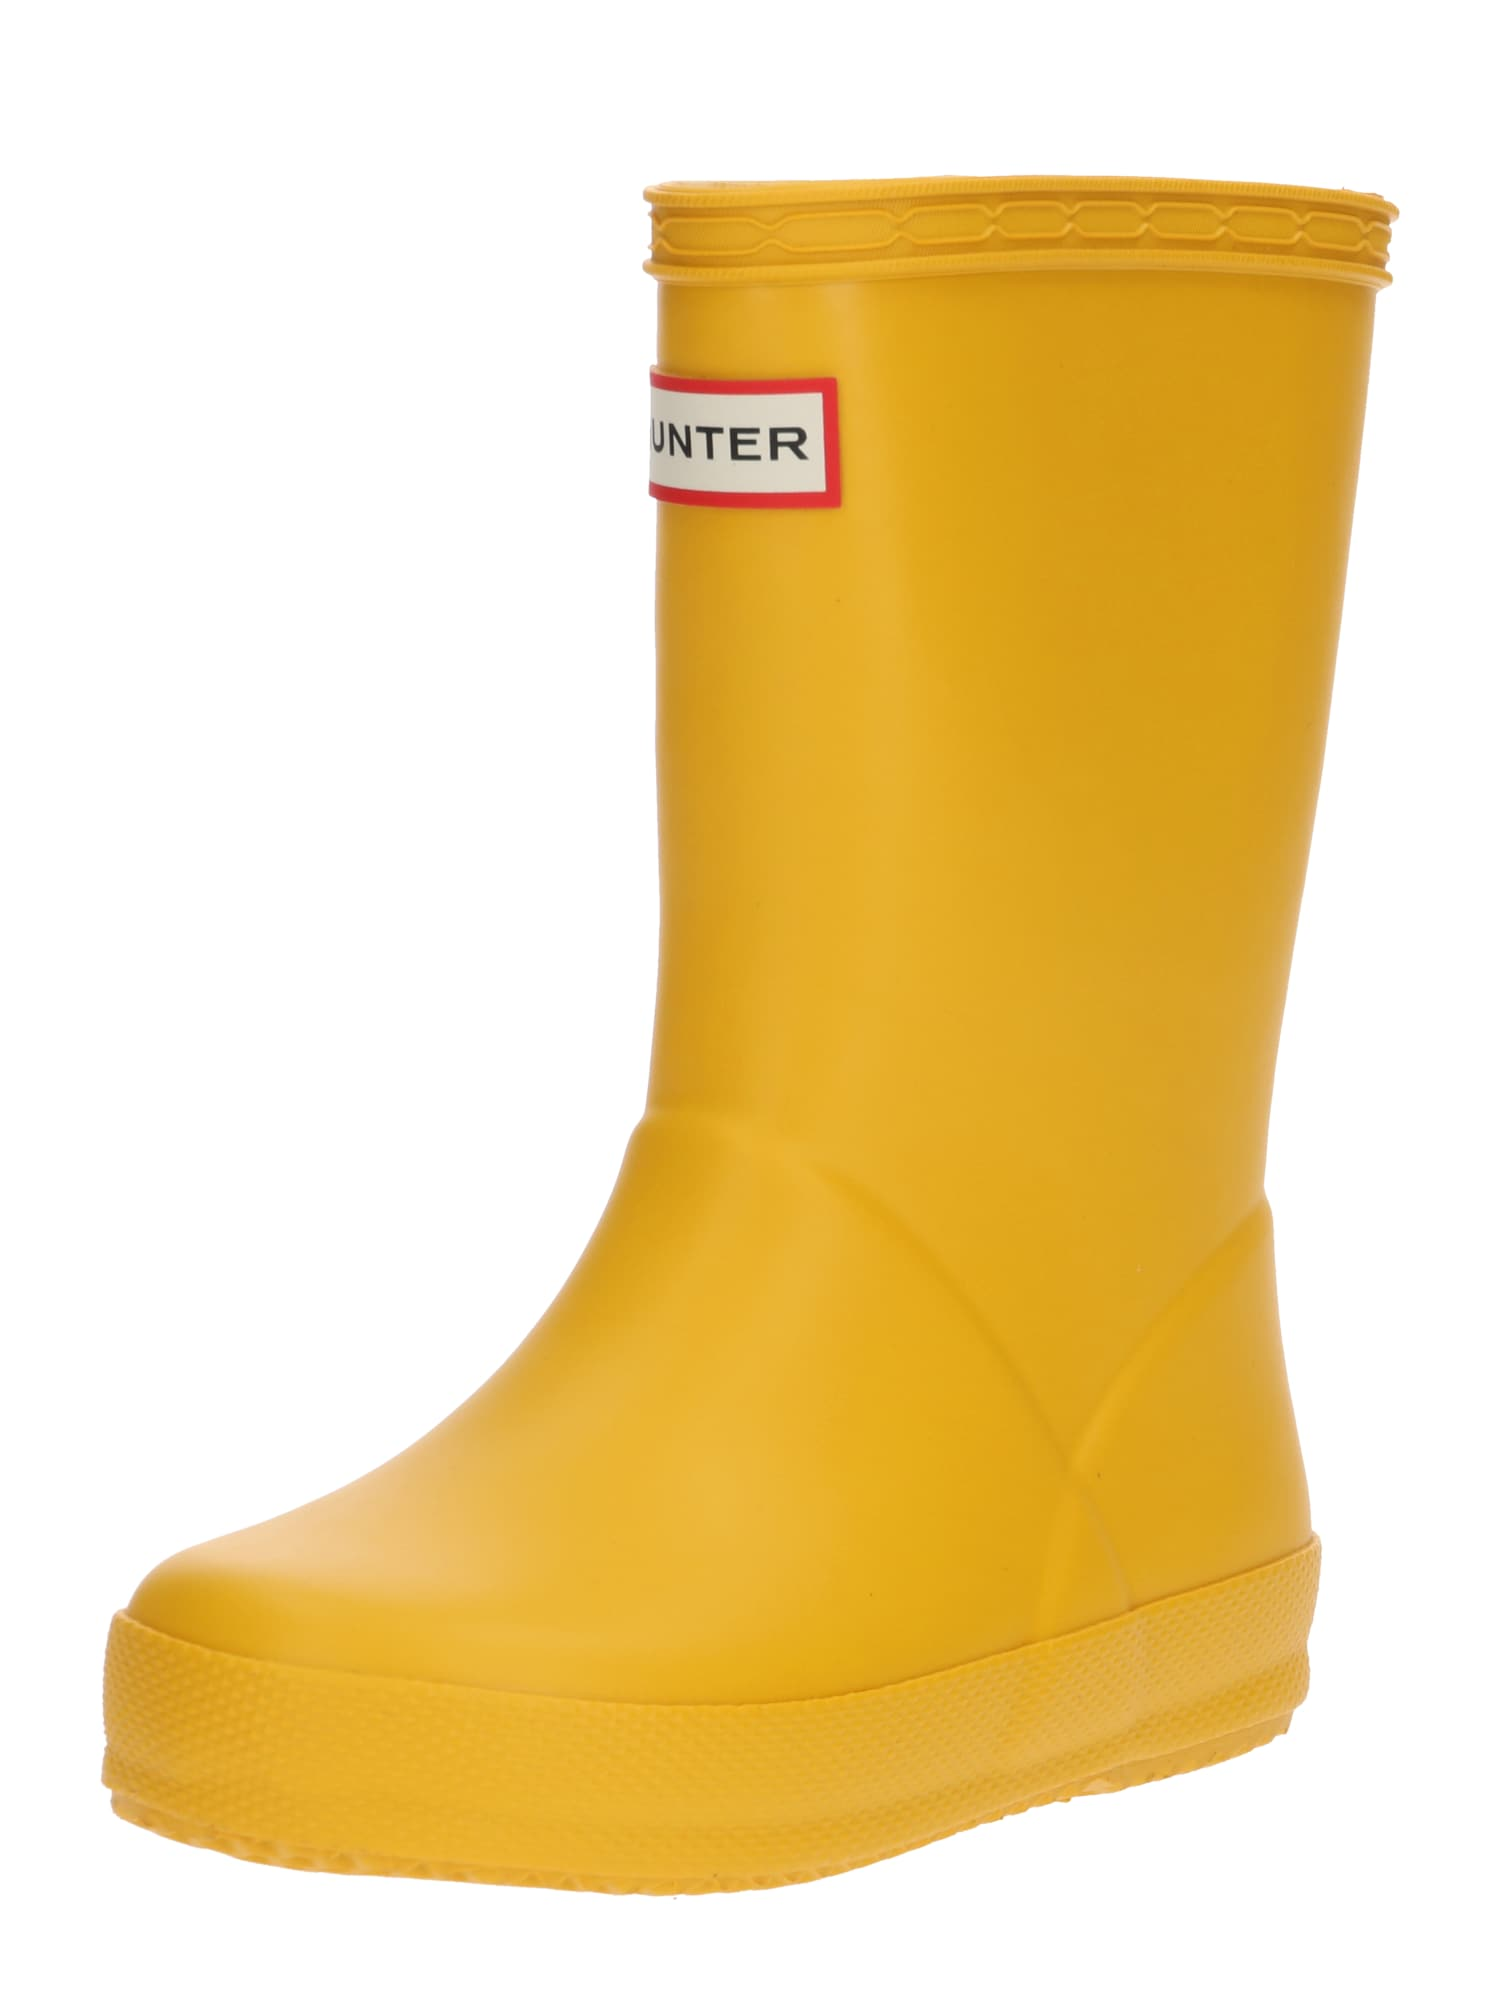 Gumové holínky FIRST CLASSIC žlutá HUNTER